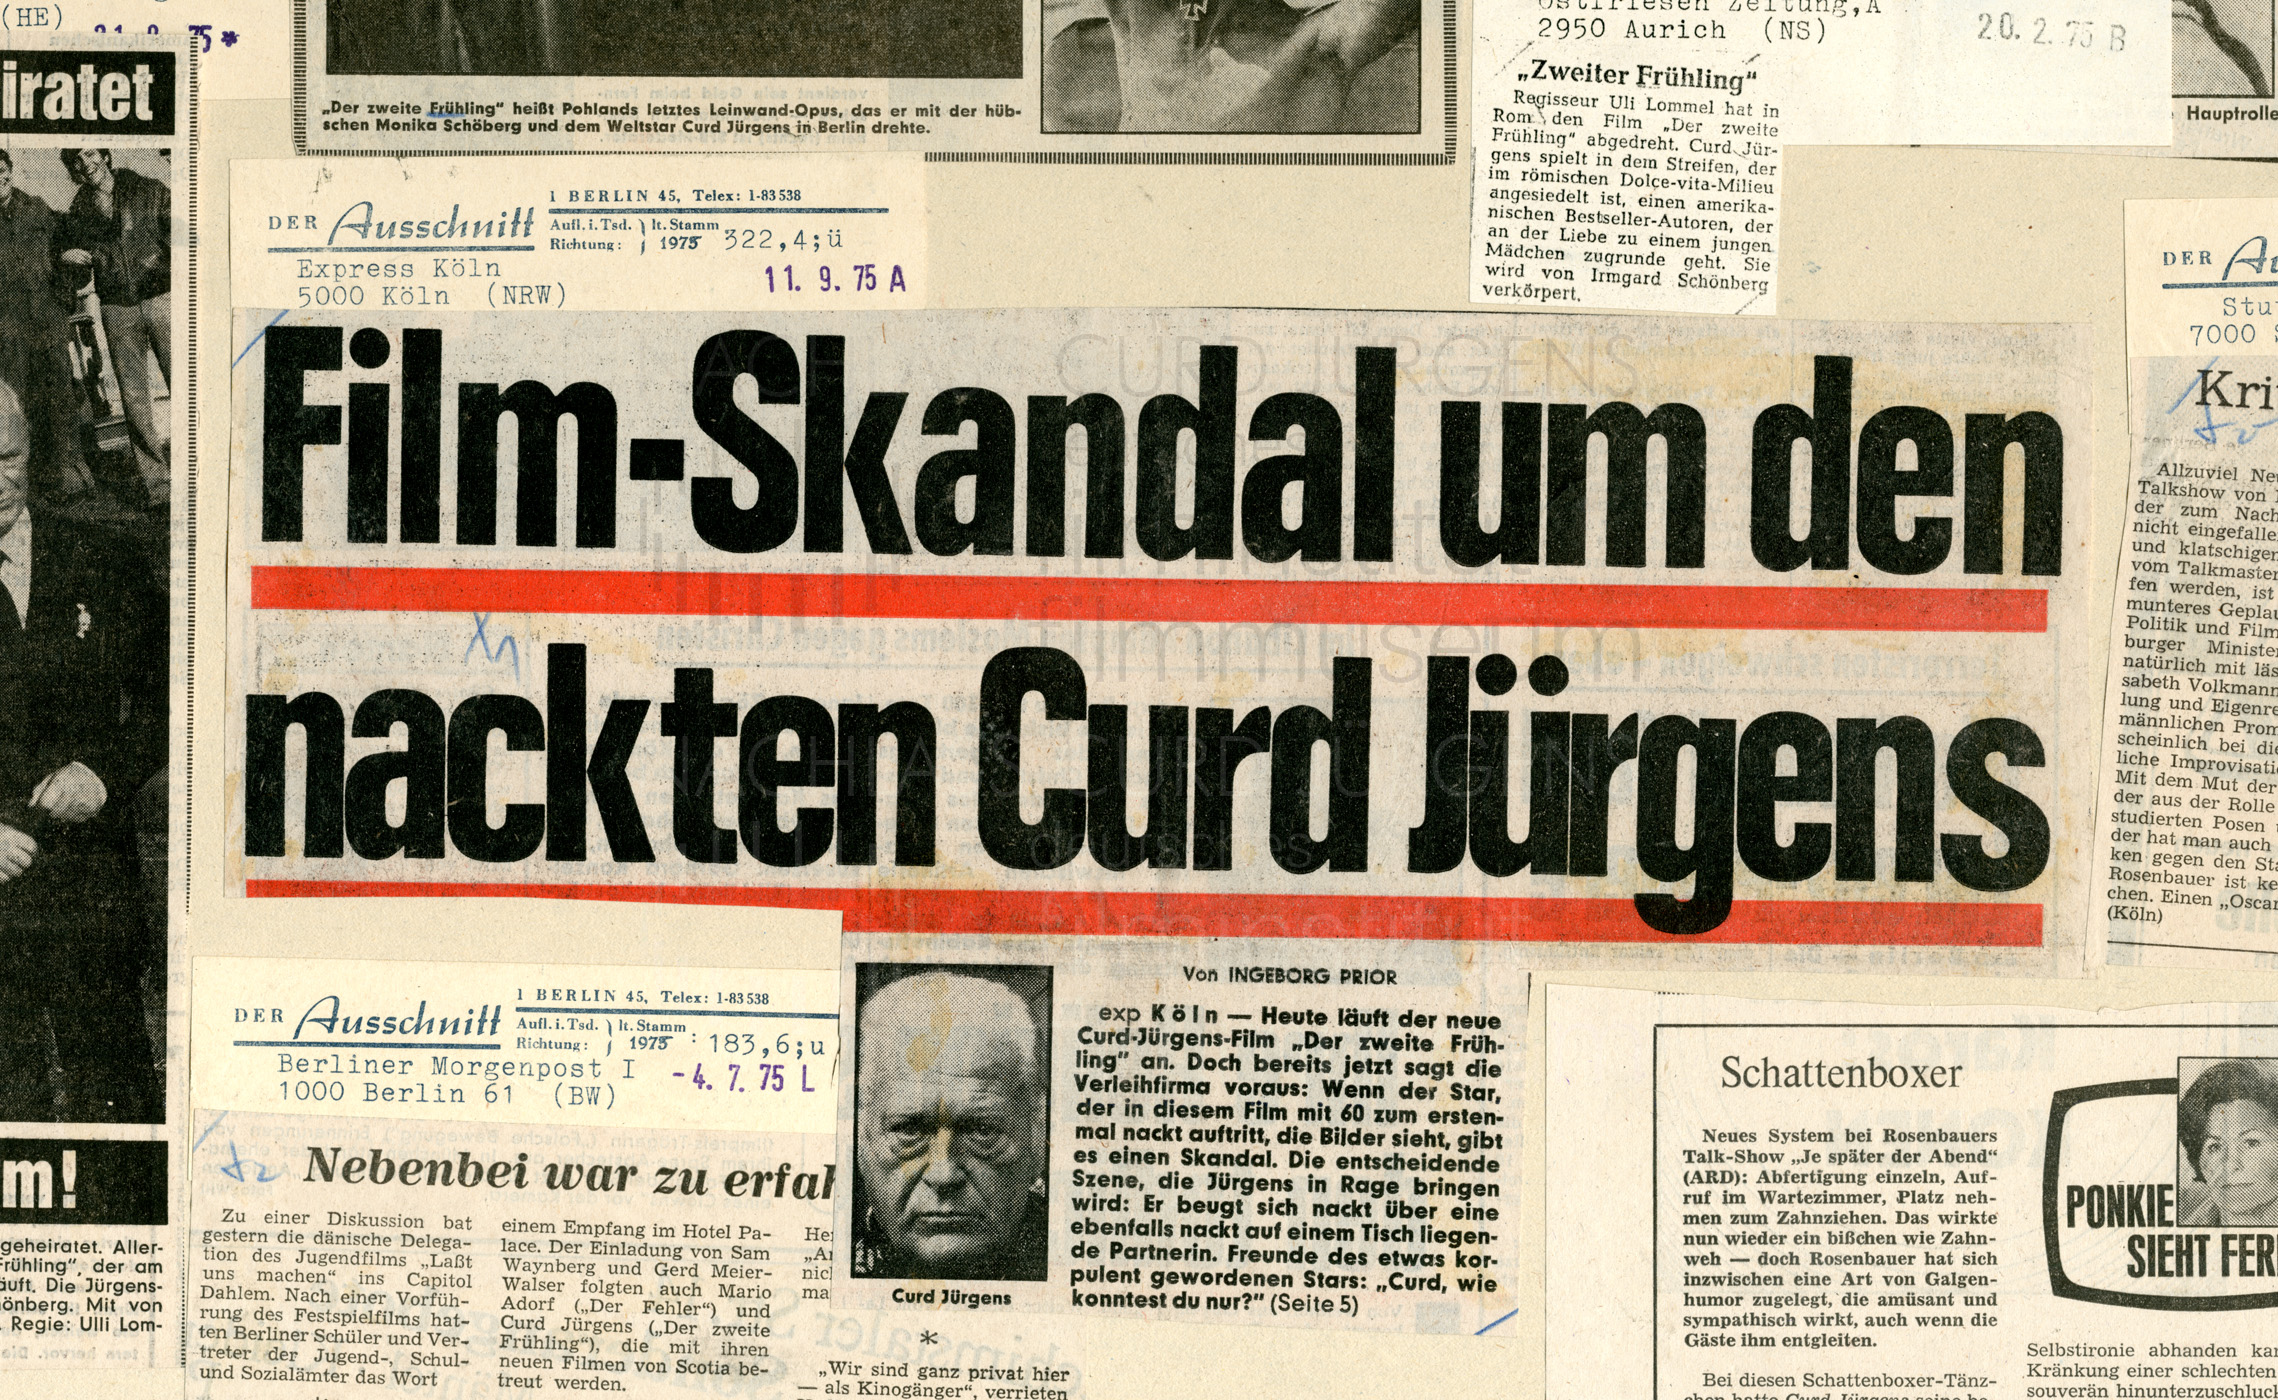 DER ZWEITE FRÜHLING (1975)